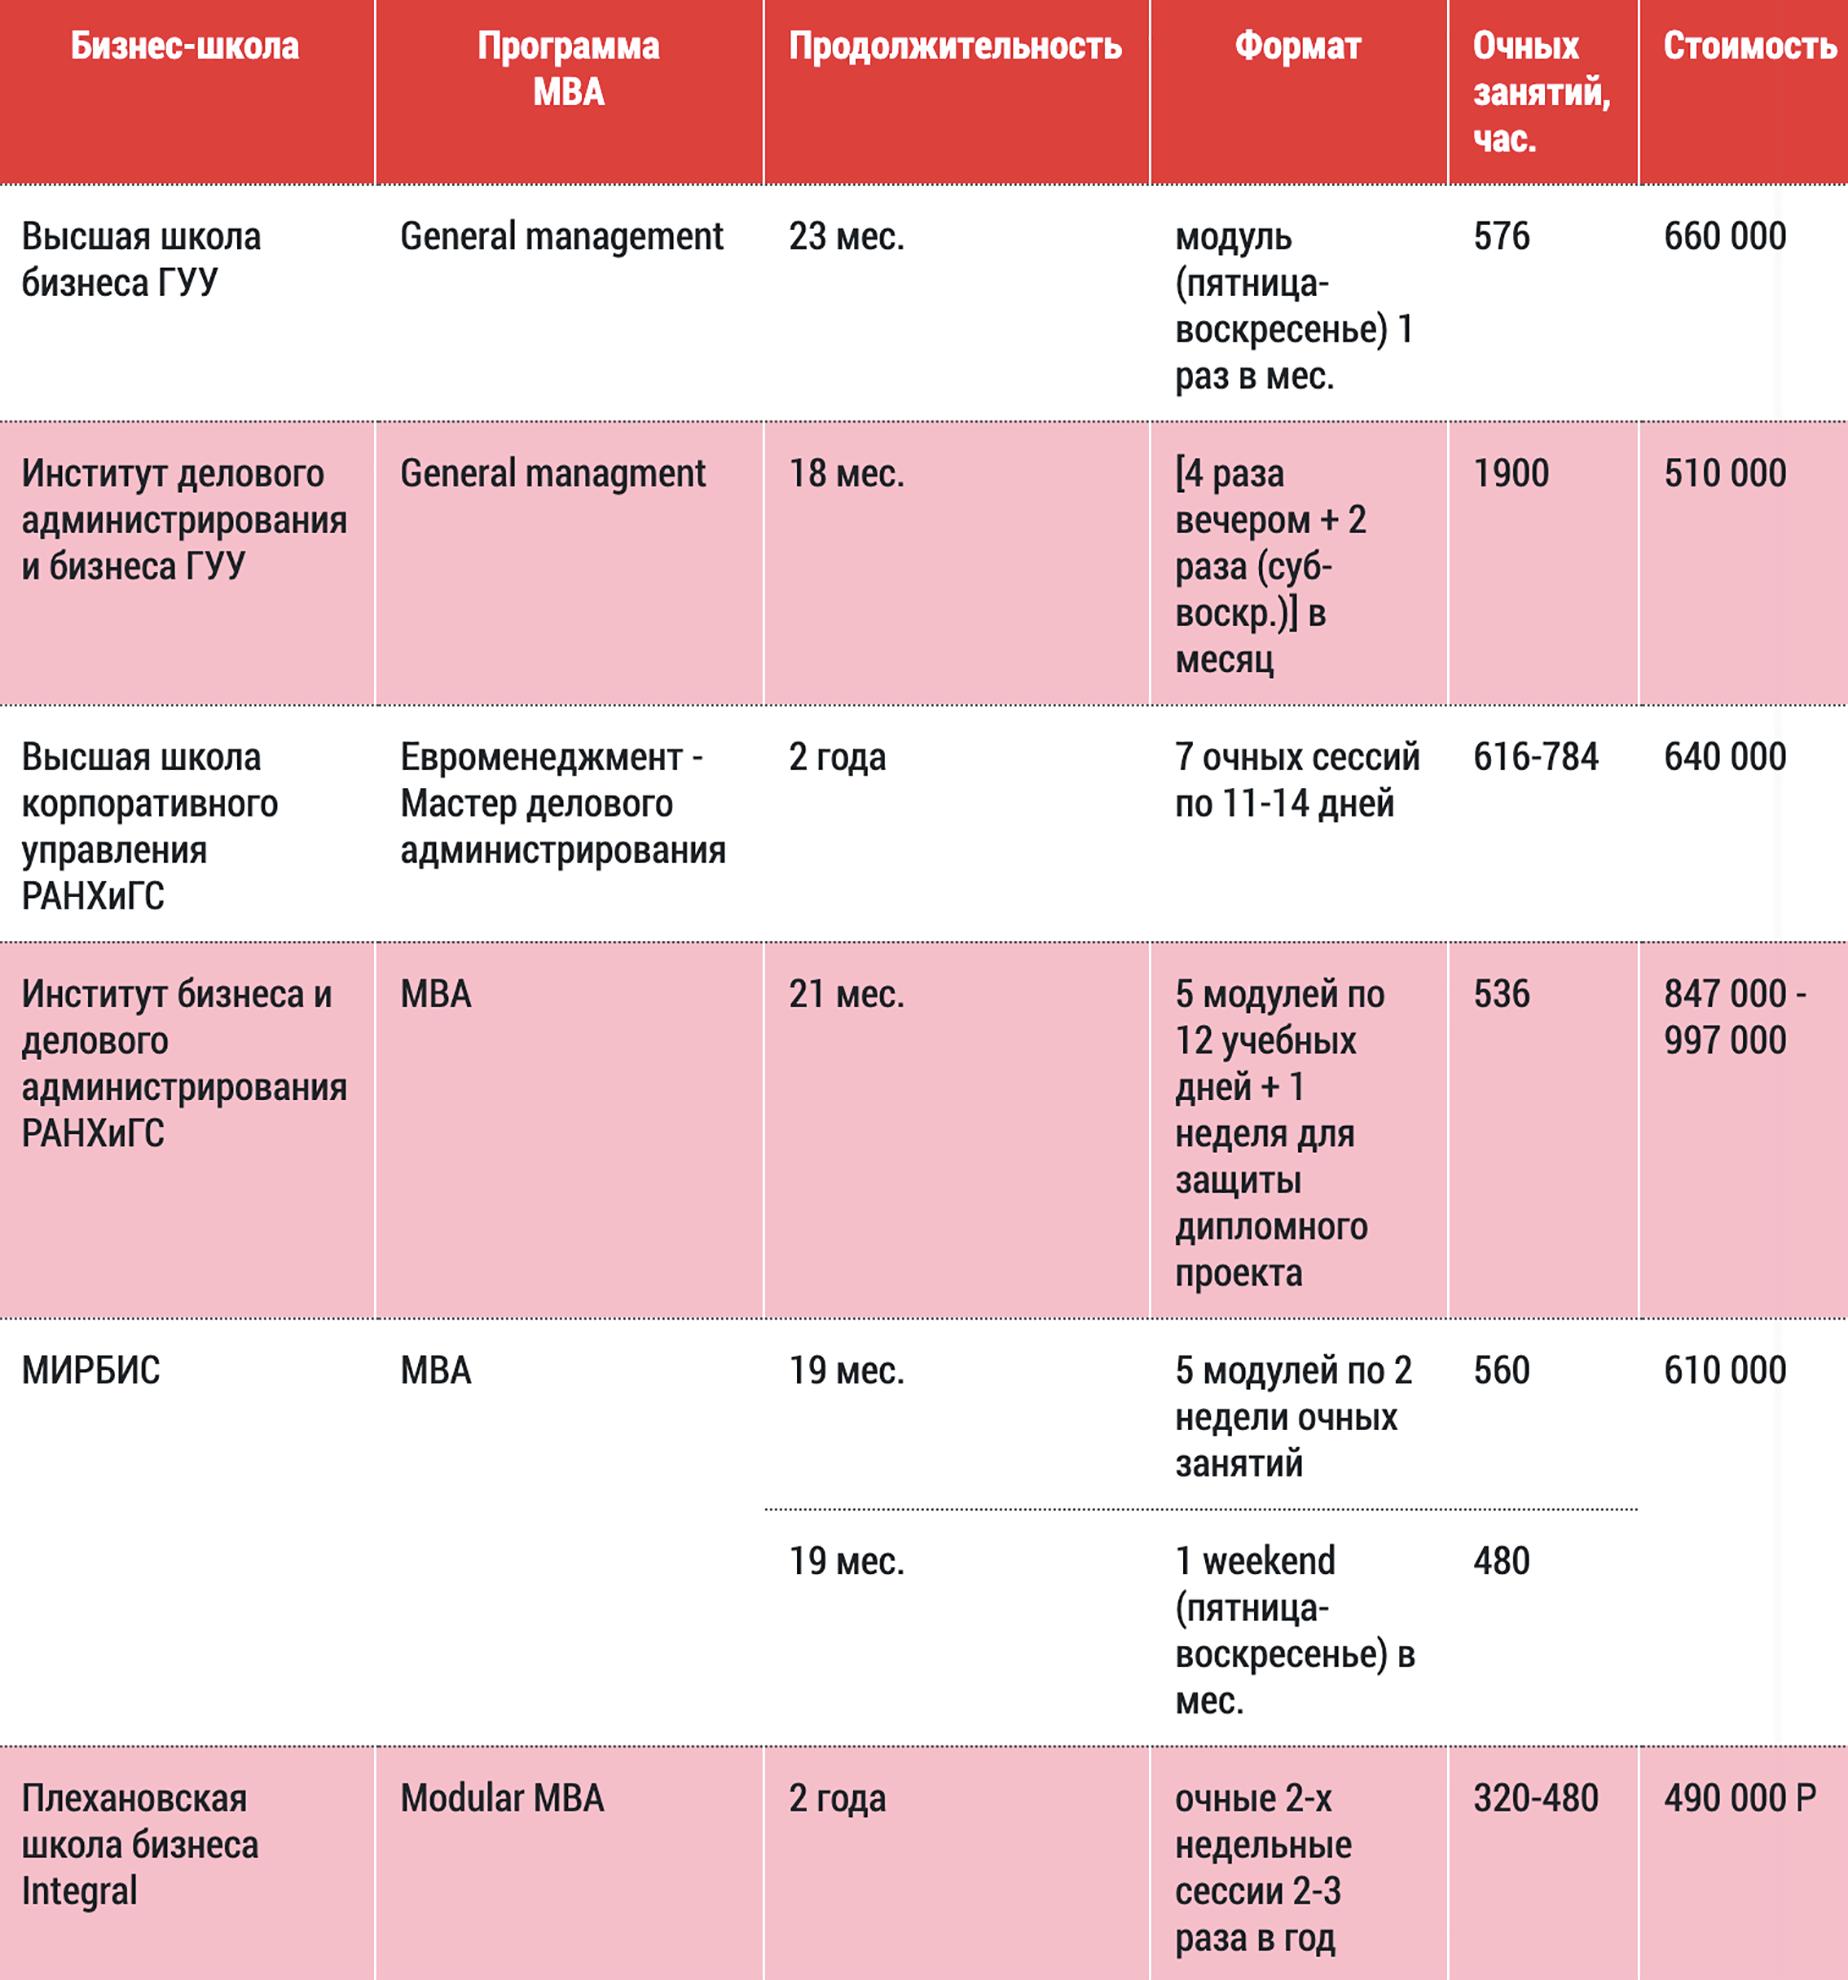 Сравнительная таблица модульных программ MBA в России на портале «MBA в Москве и России»